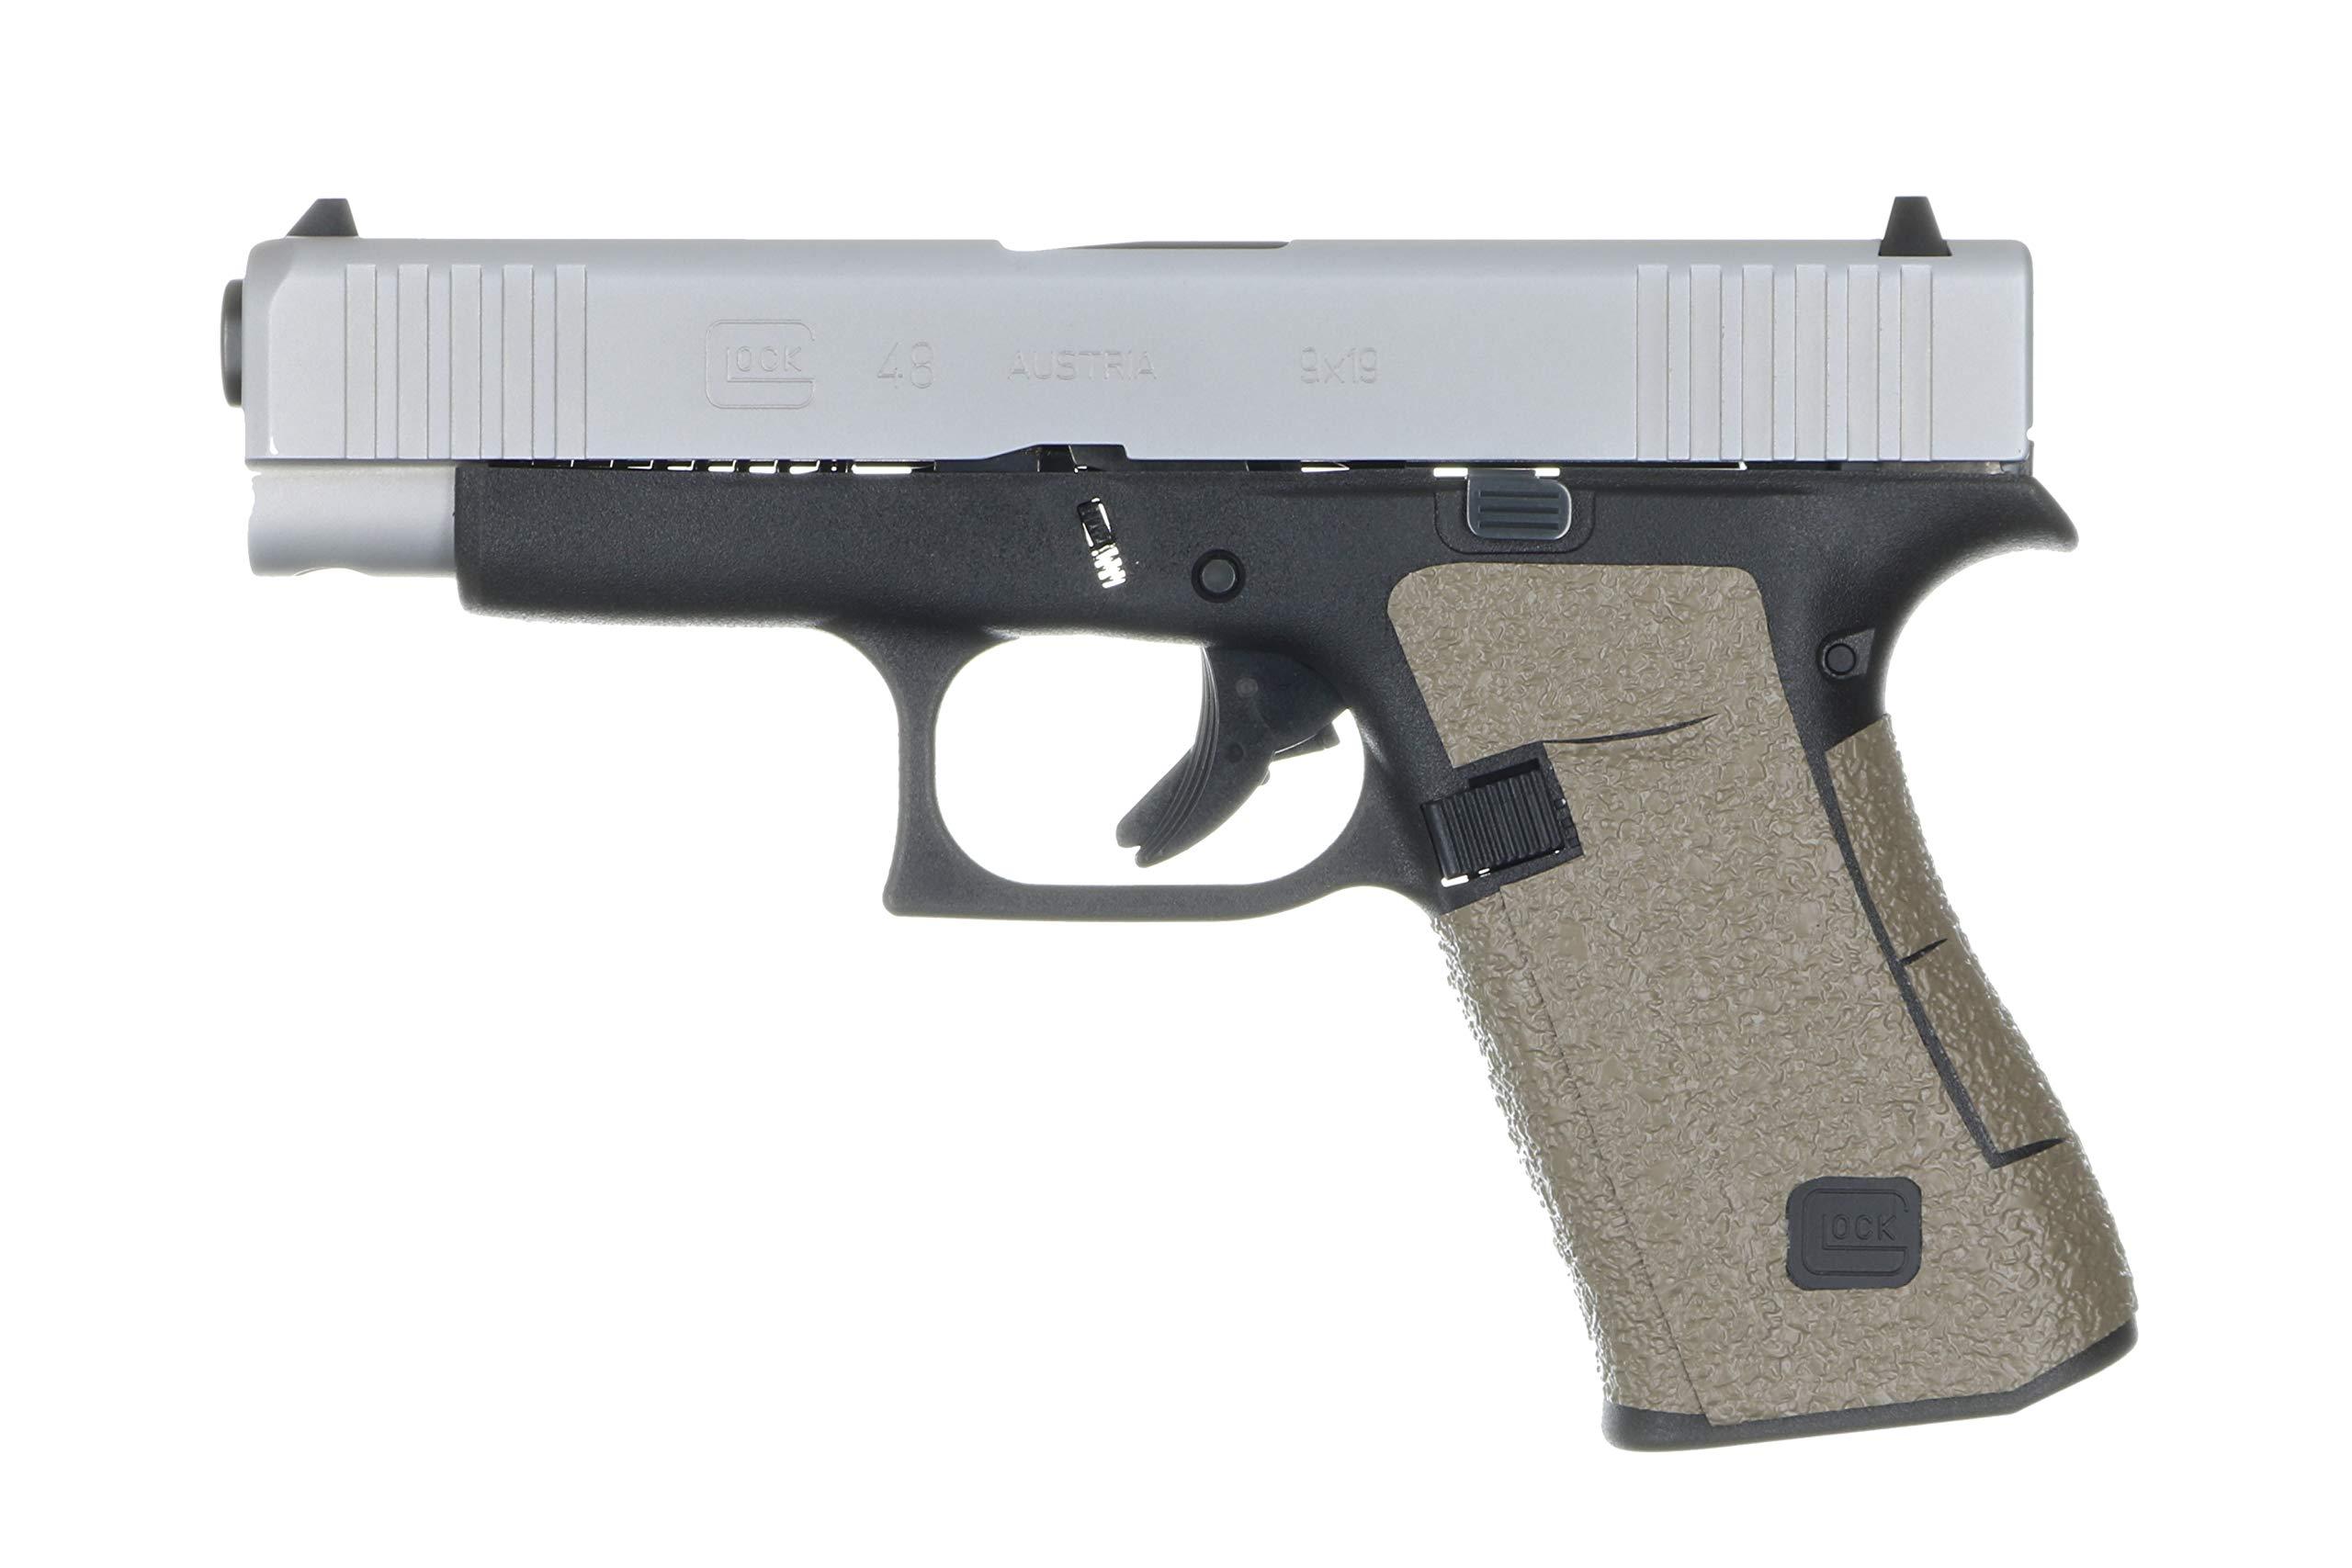 TALON Grips for Glock 43X & 48 by TALON Grips